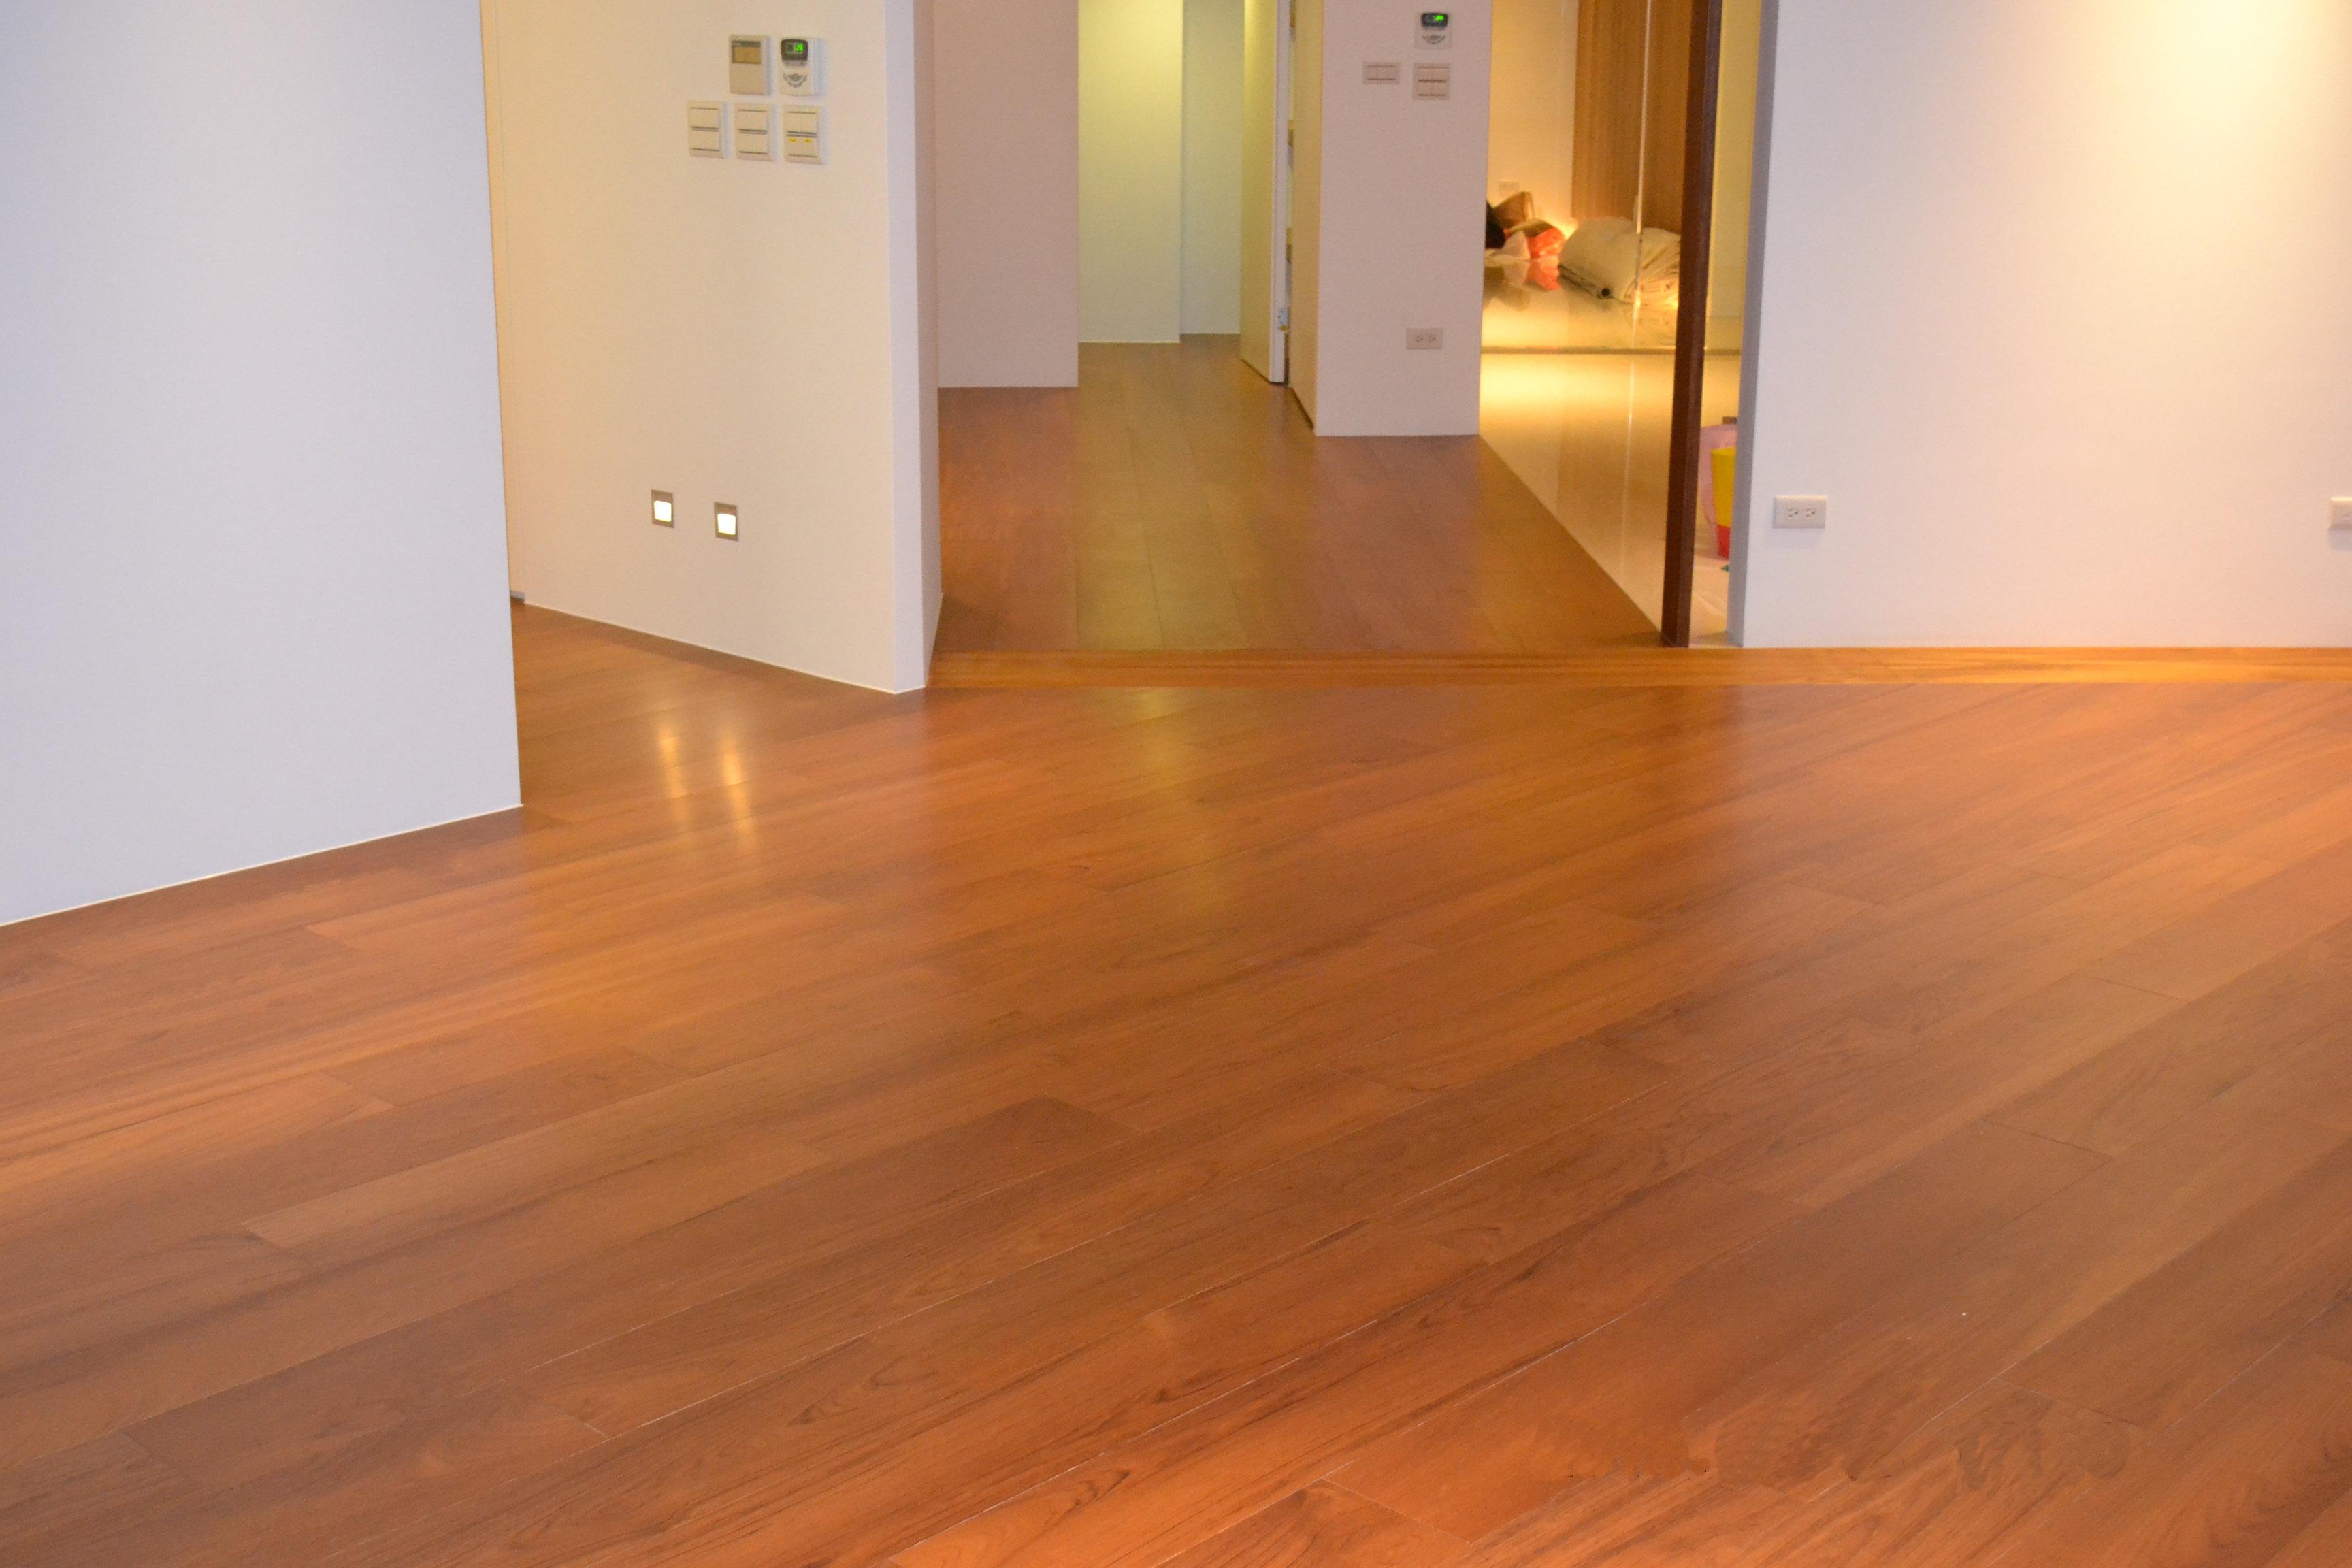 原古-緬甸柚木實木地板6.4寸6分